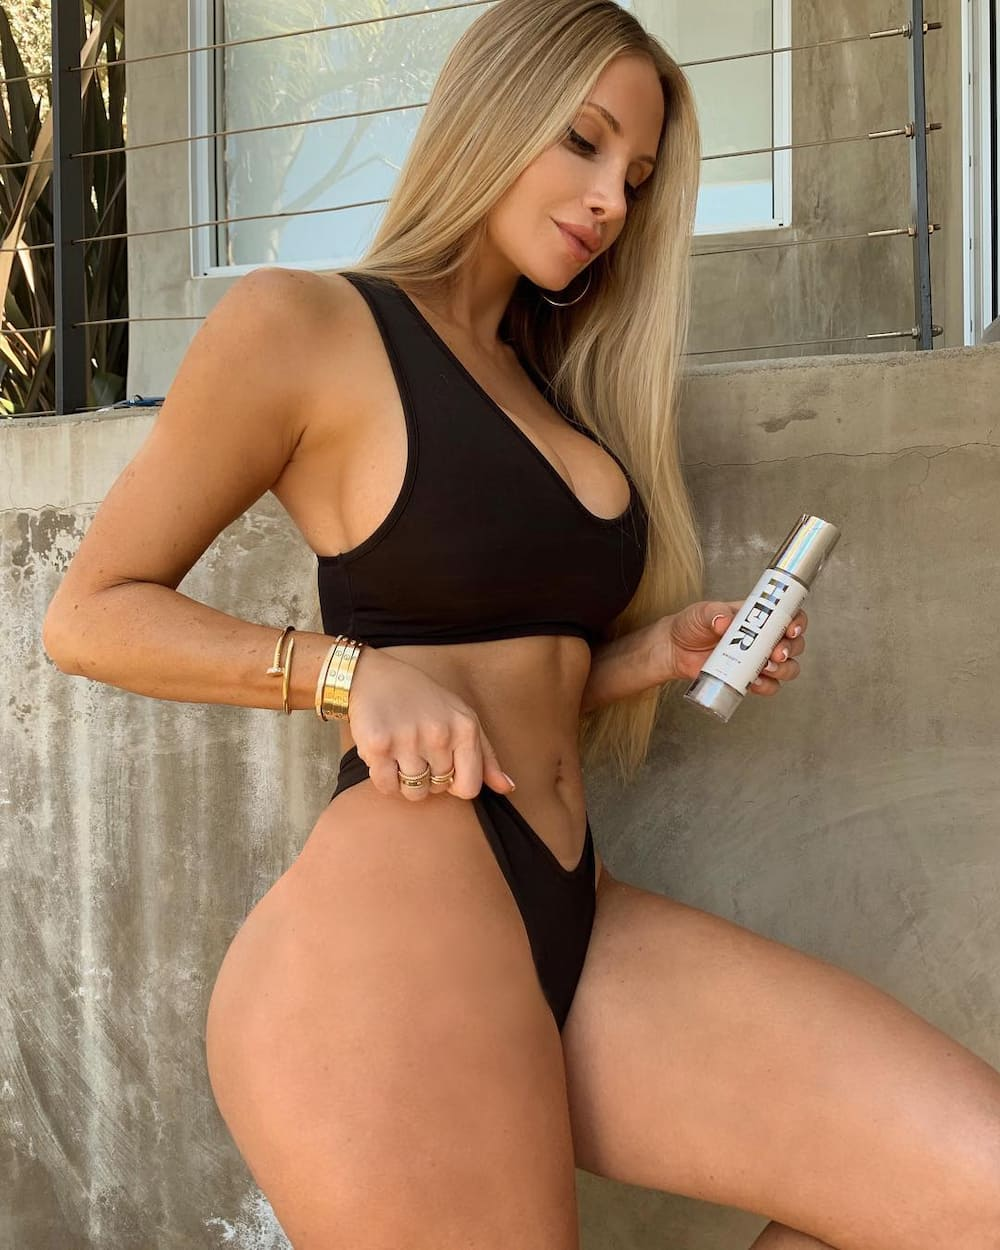 Eliselee amanda Amanda Elise